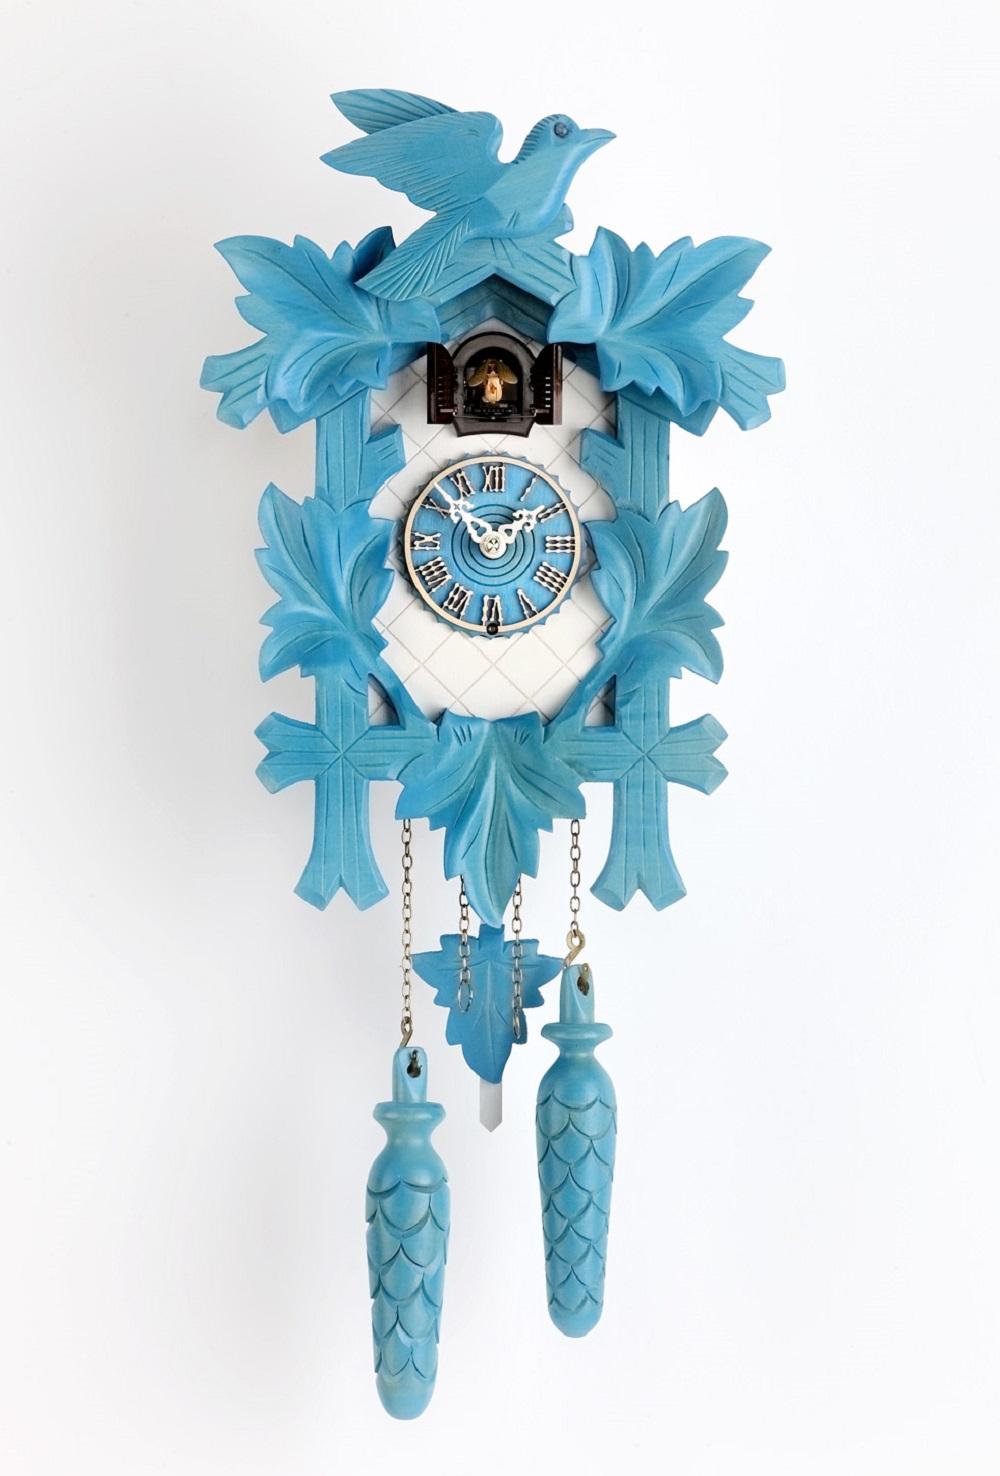 schwarzwald kuckucksuhren online shop quarz kuckucksuhr 32cm f nflaub blau wei online kaufen. Black Bedroom Furniture Sets. Home Design Ideas